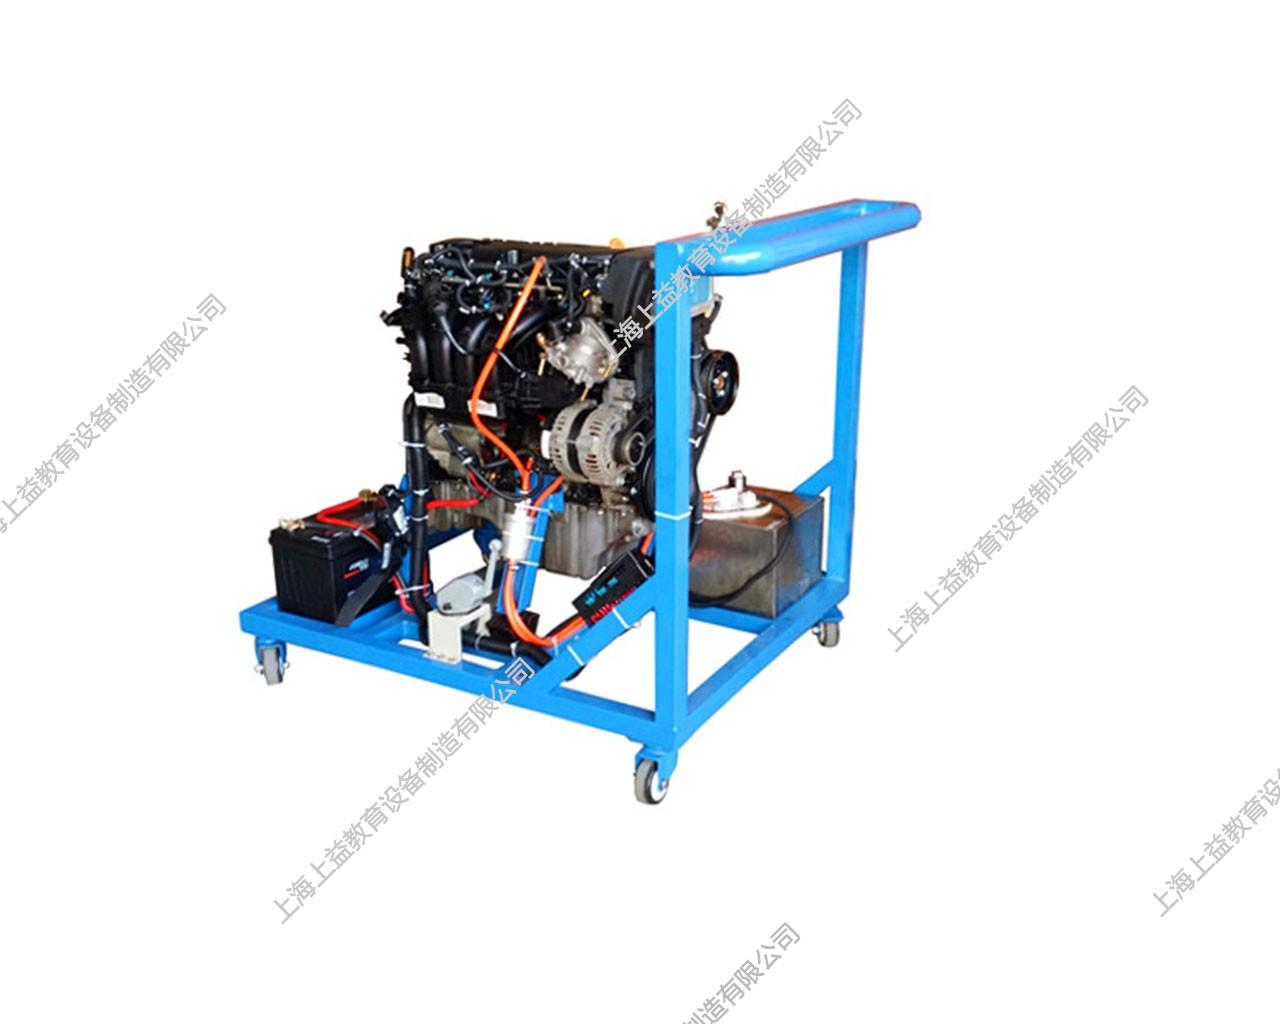 发动机总装与电气接线运行wwwlehu8vip台